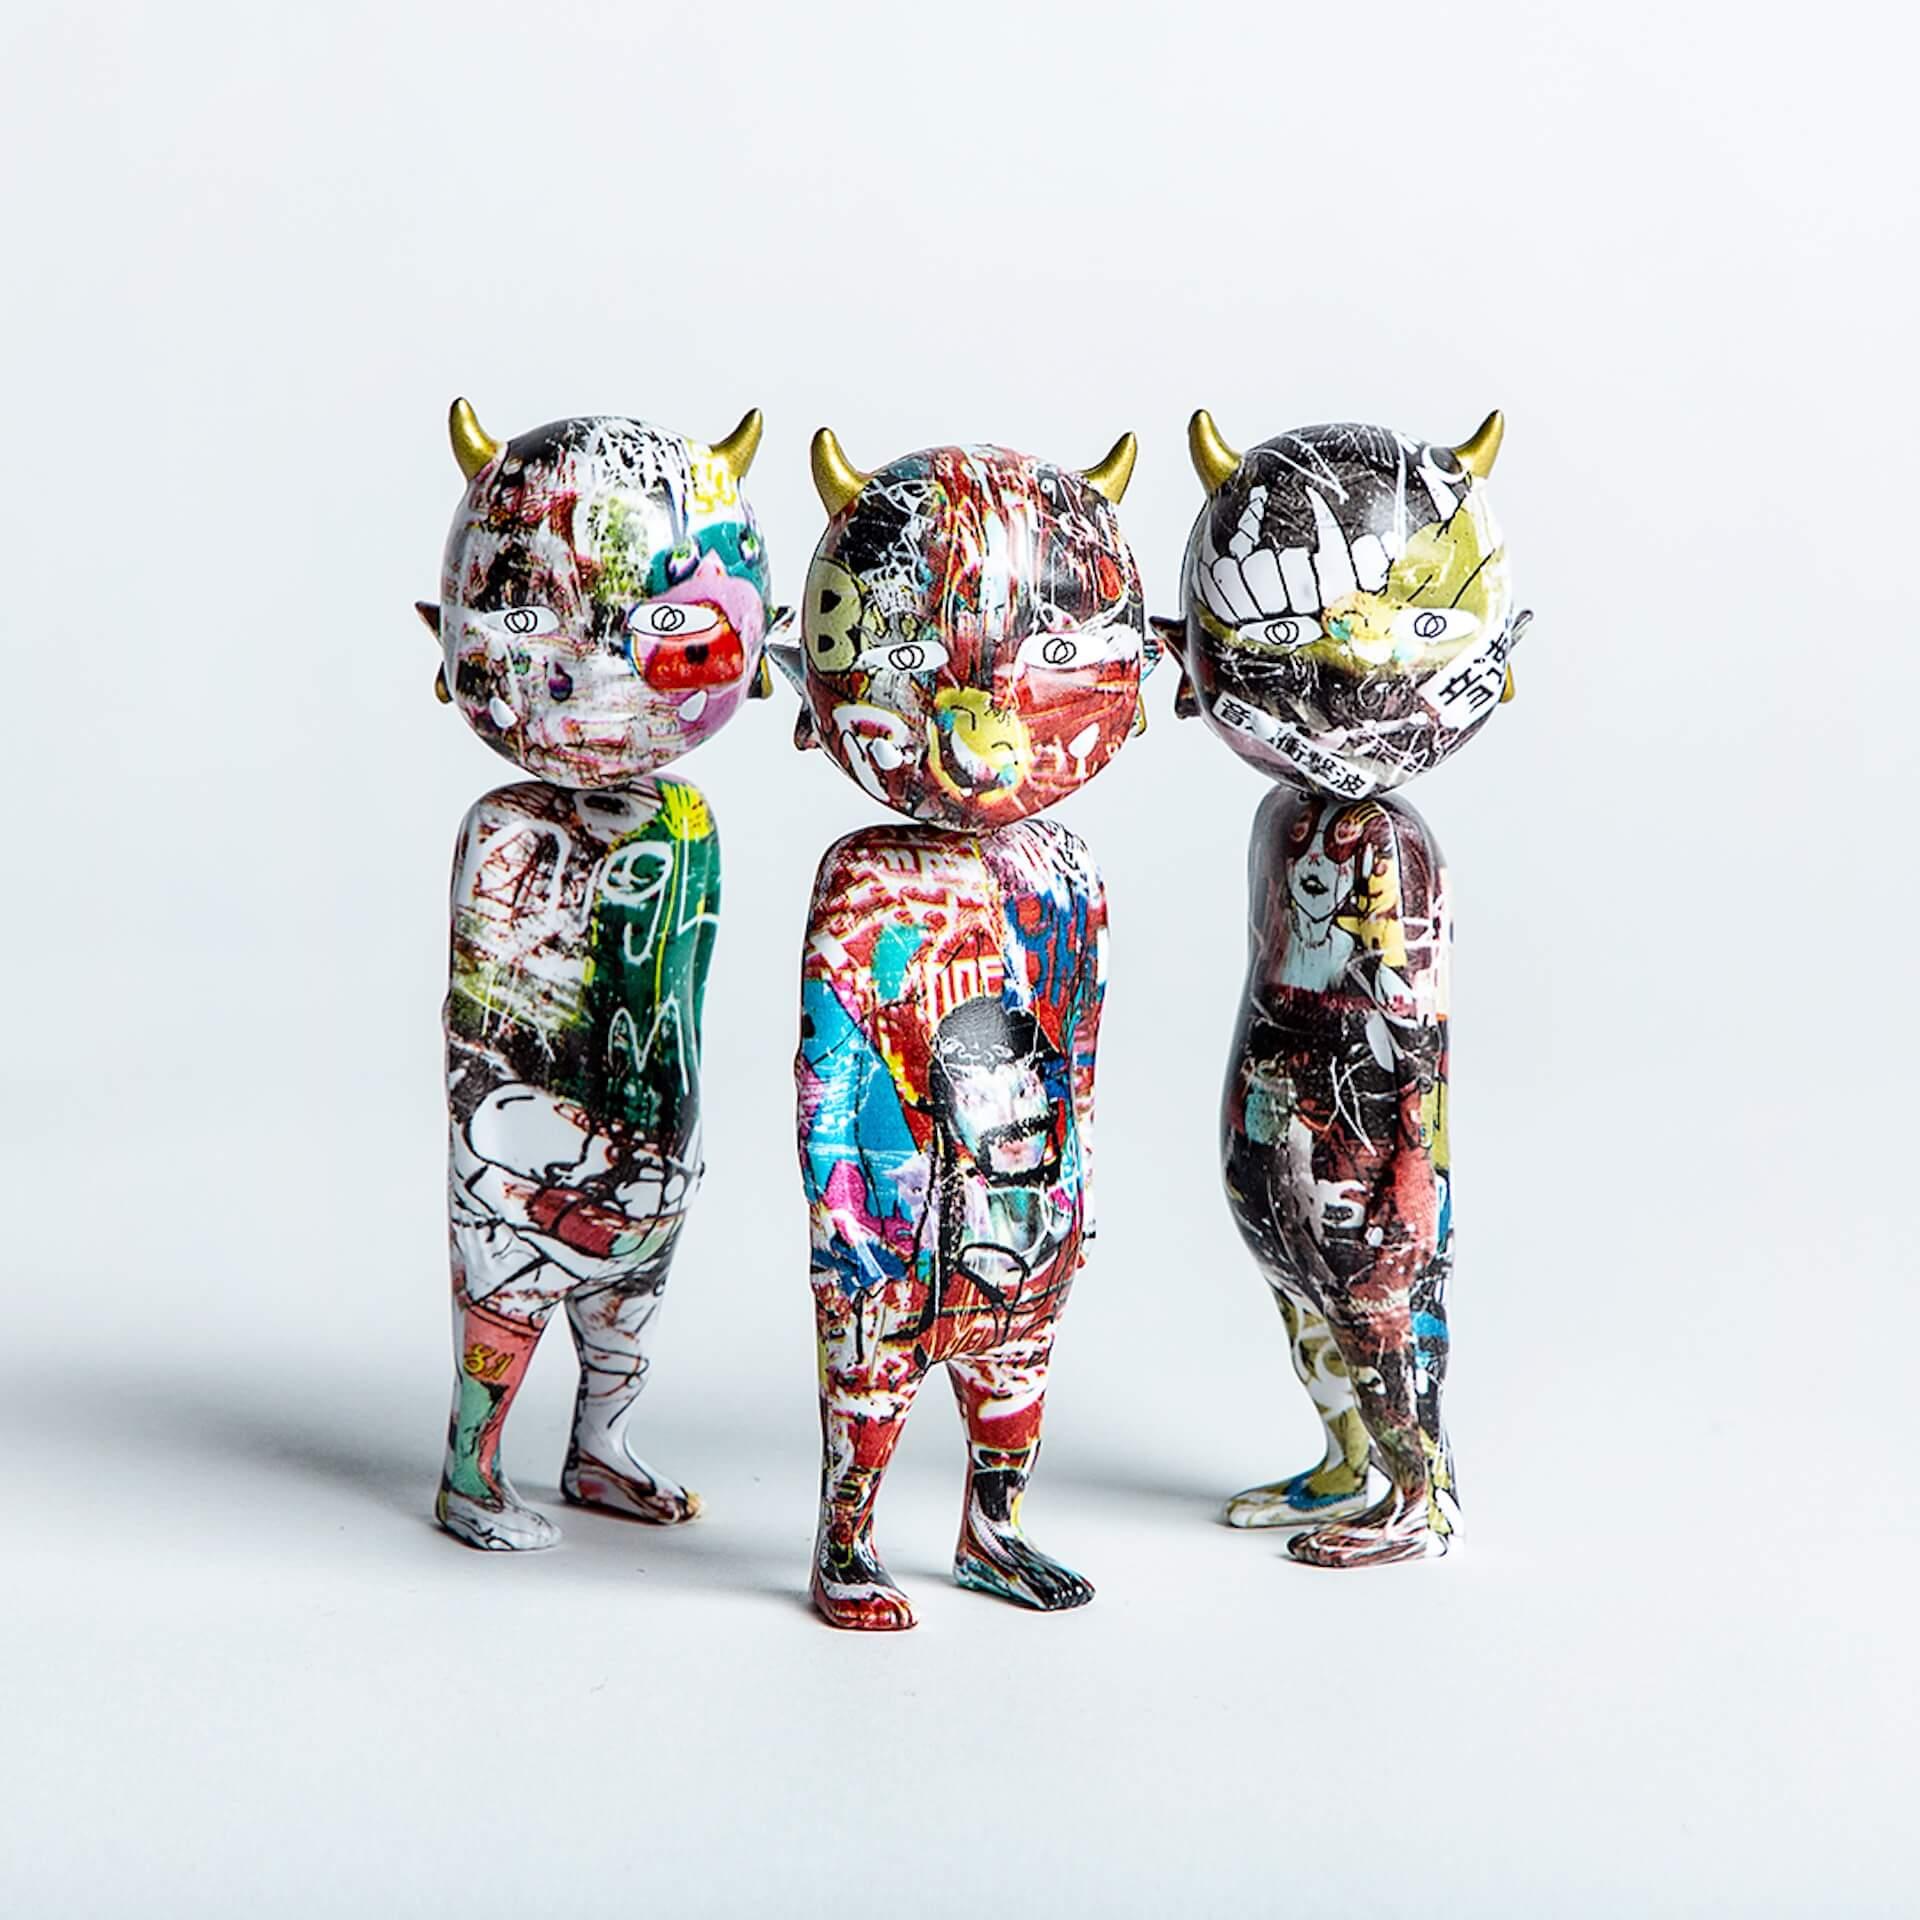 millennium paradeのデビューアルバム『THE MILLENNIUM PARADE』がついにリリース!毎日コメント投稿企画に常田大希登場「今までの集大成であり、デビューアルバム」 music210210_millenniumparade_5